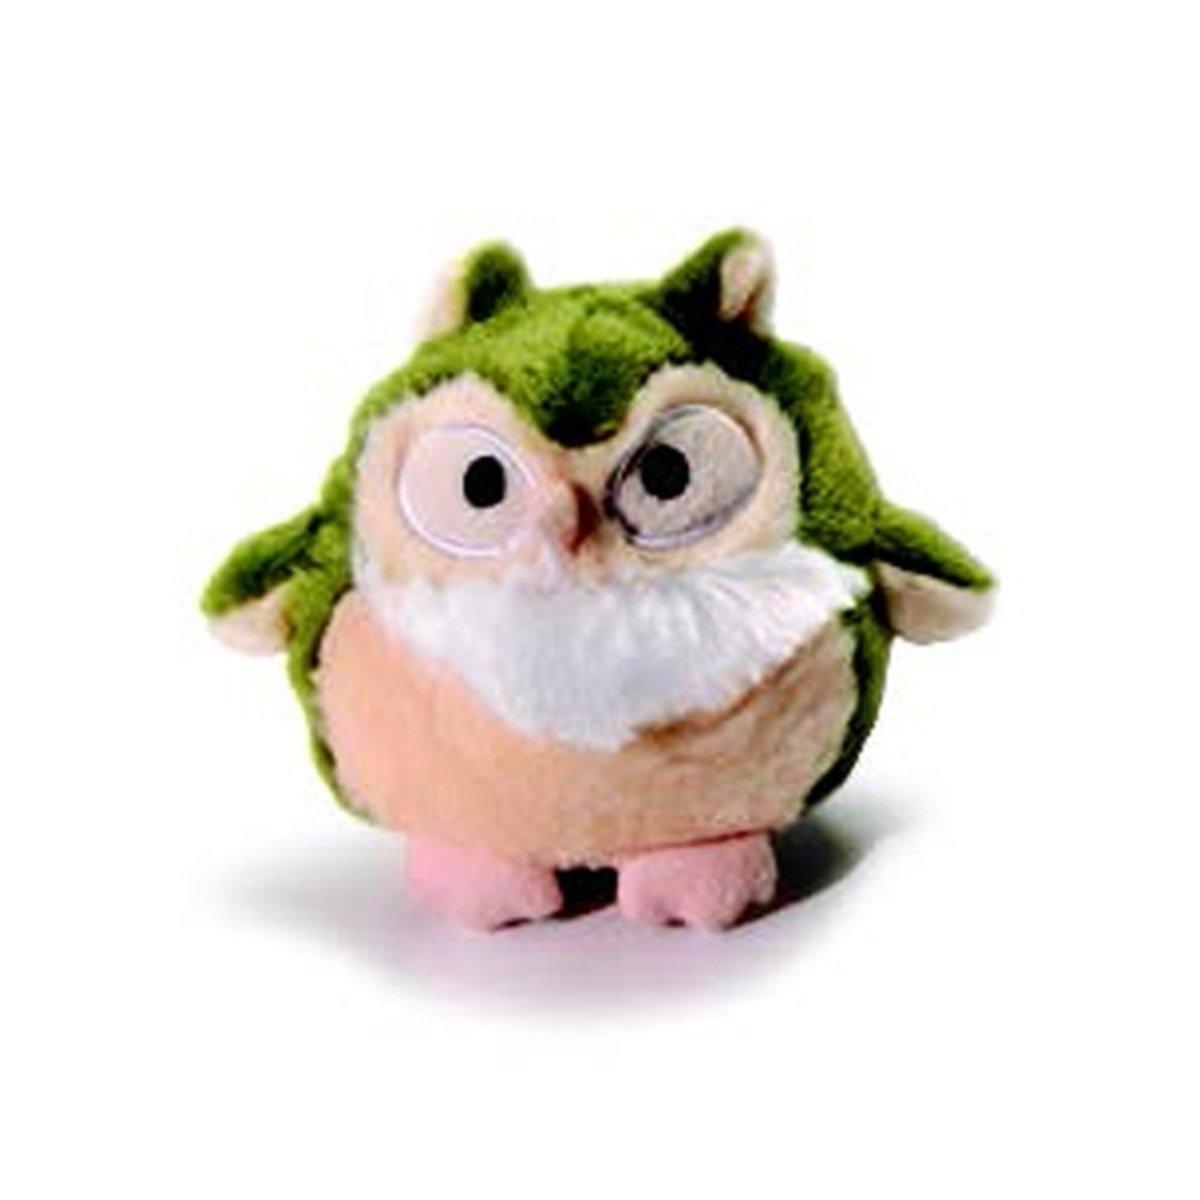 寵物貓頭鷹發聲玩具 - 綠色